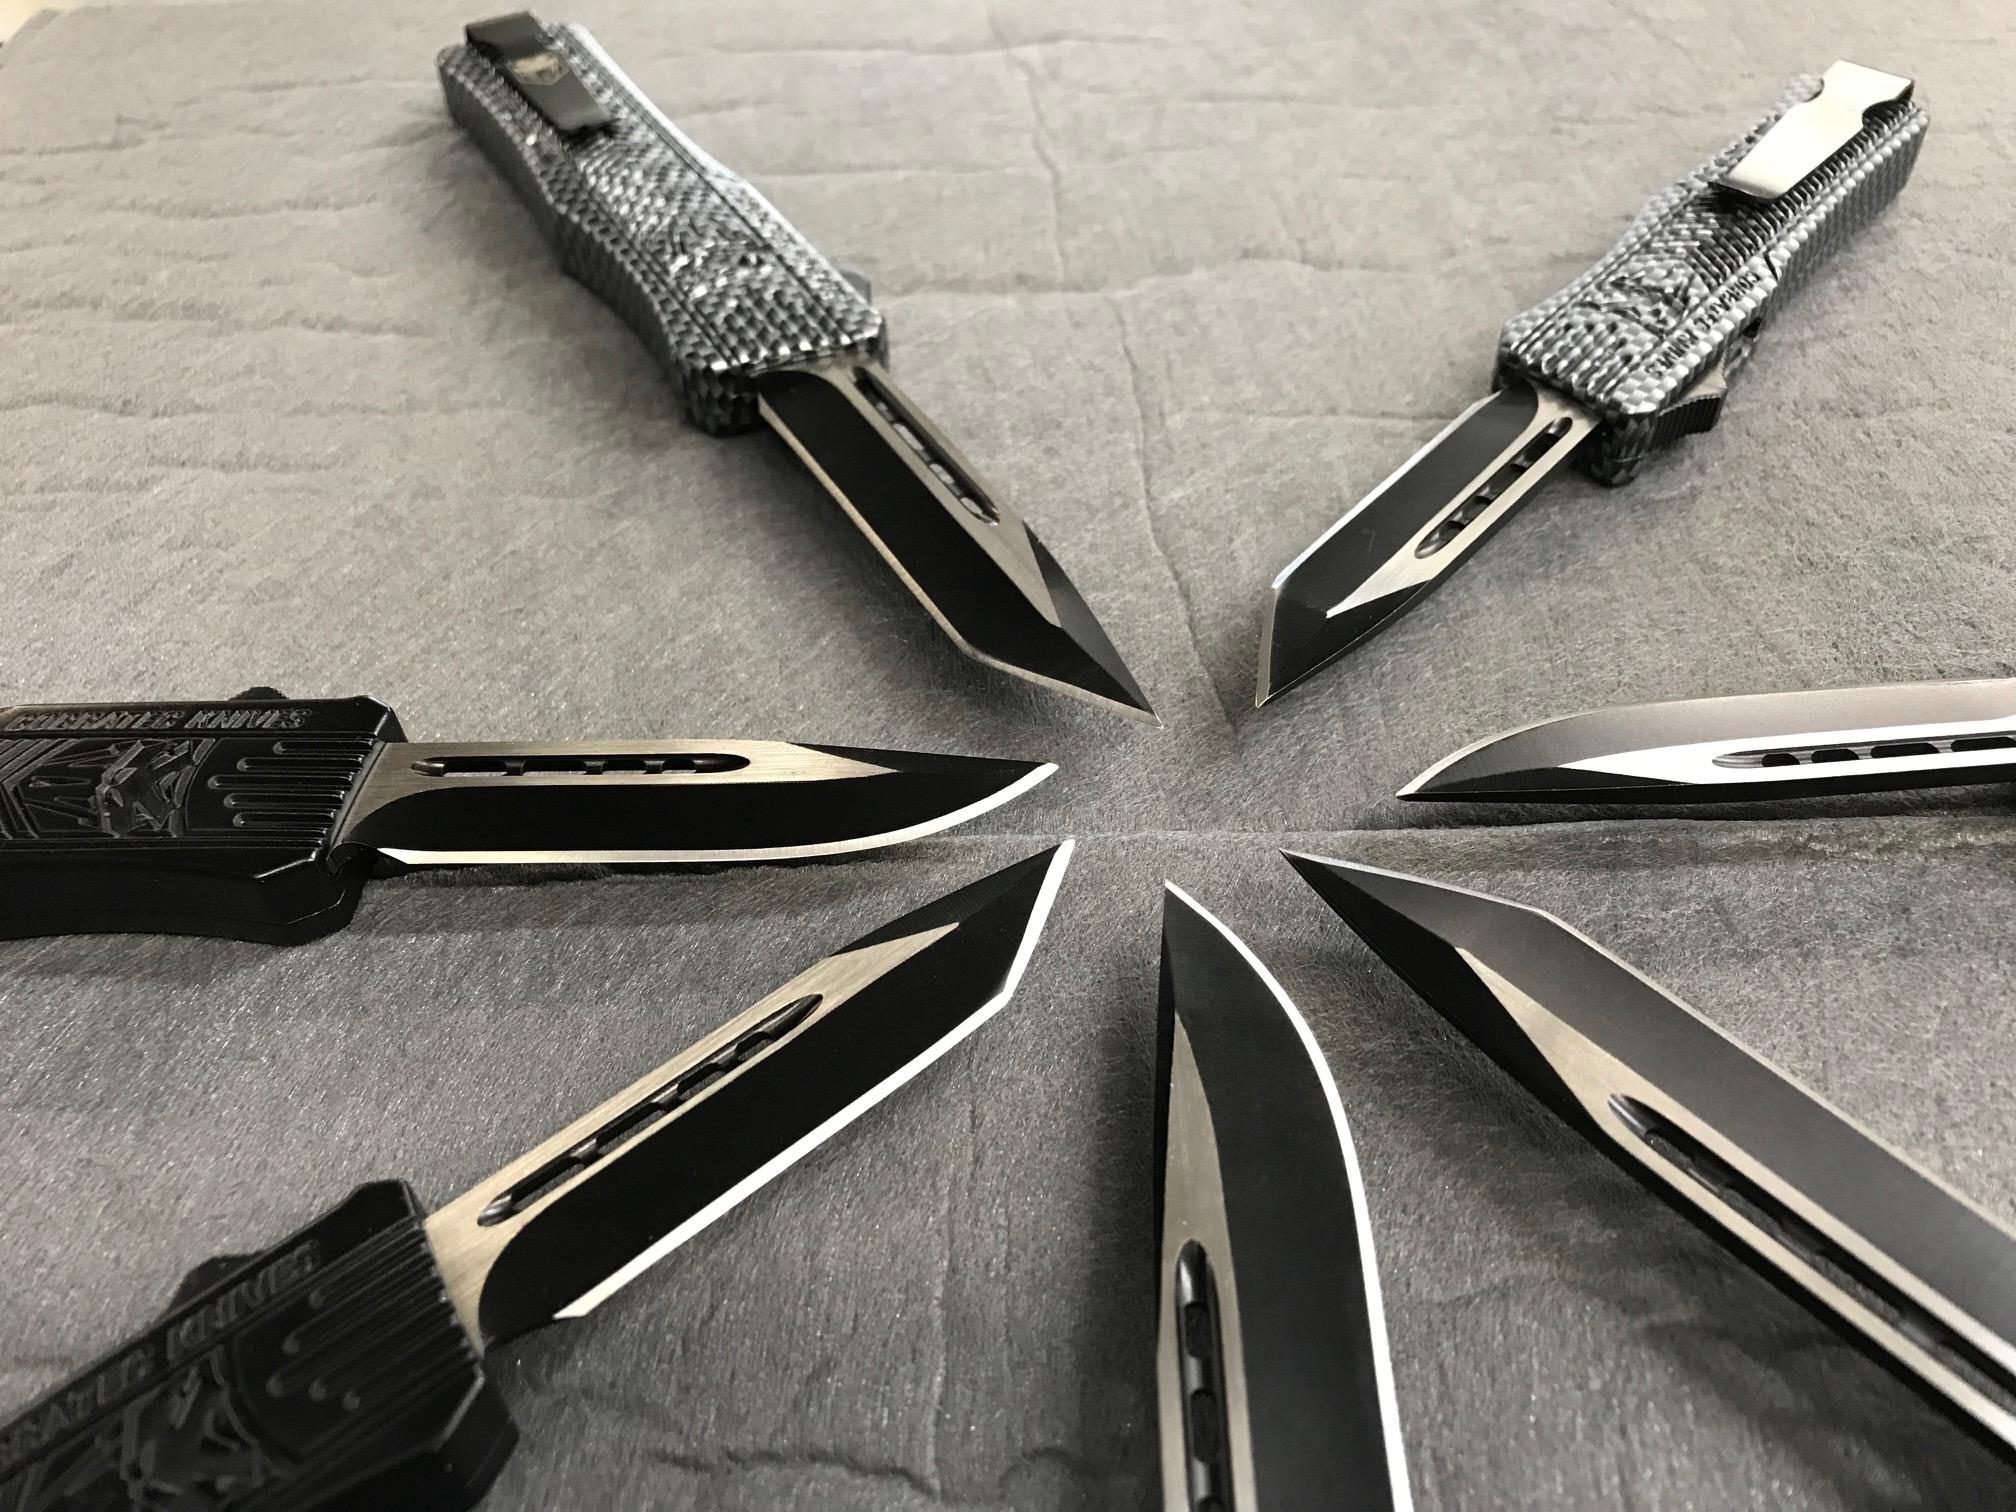 cobratec-auto-knives.jpg